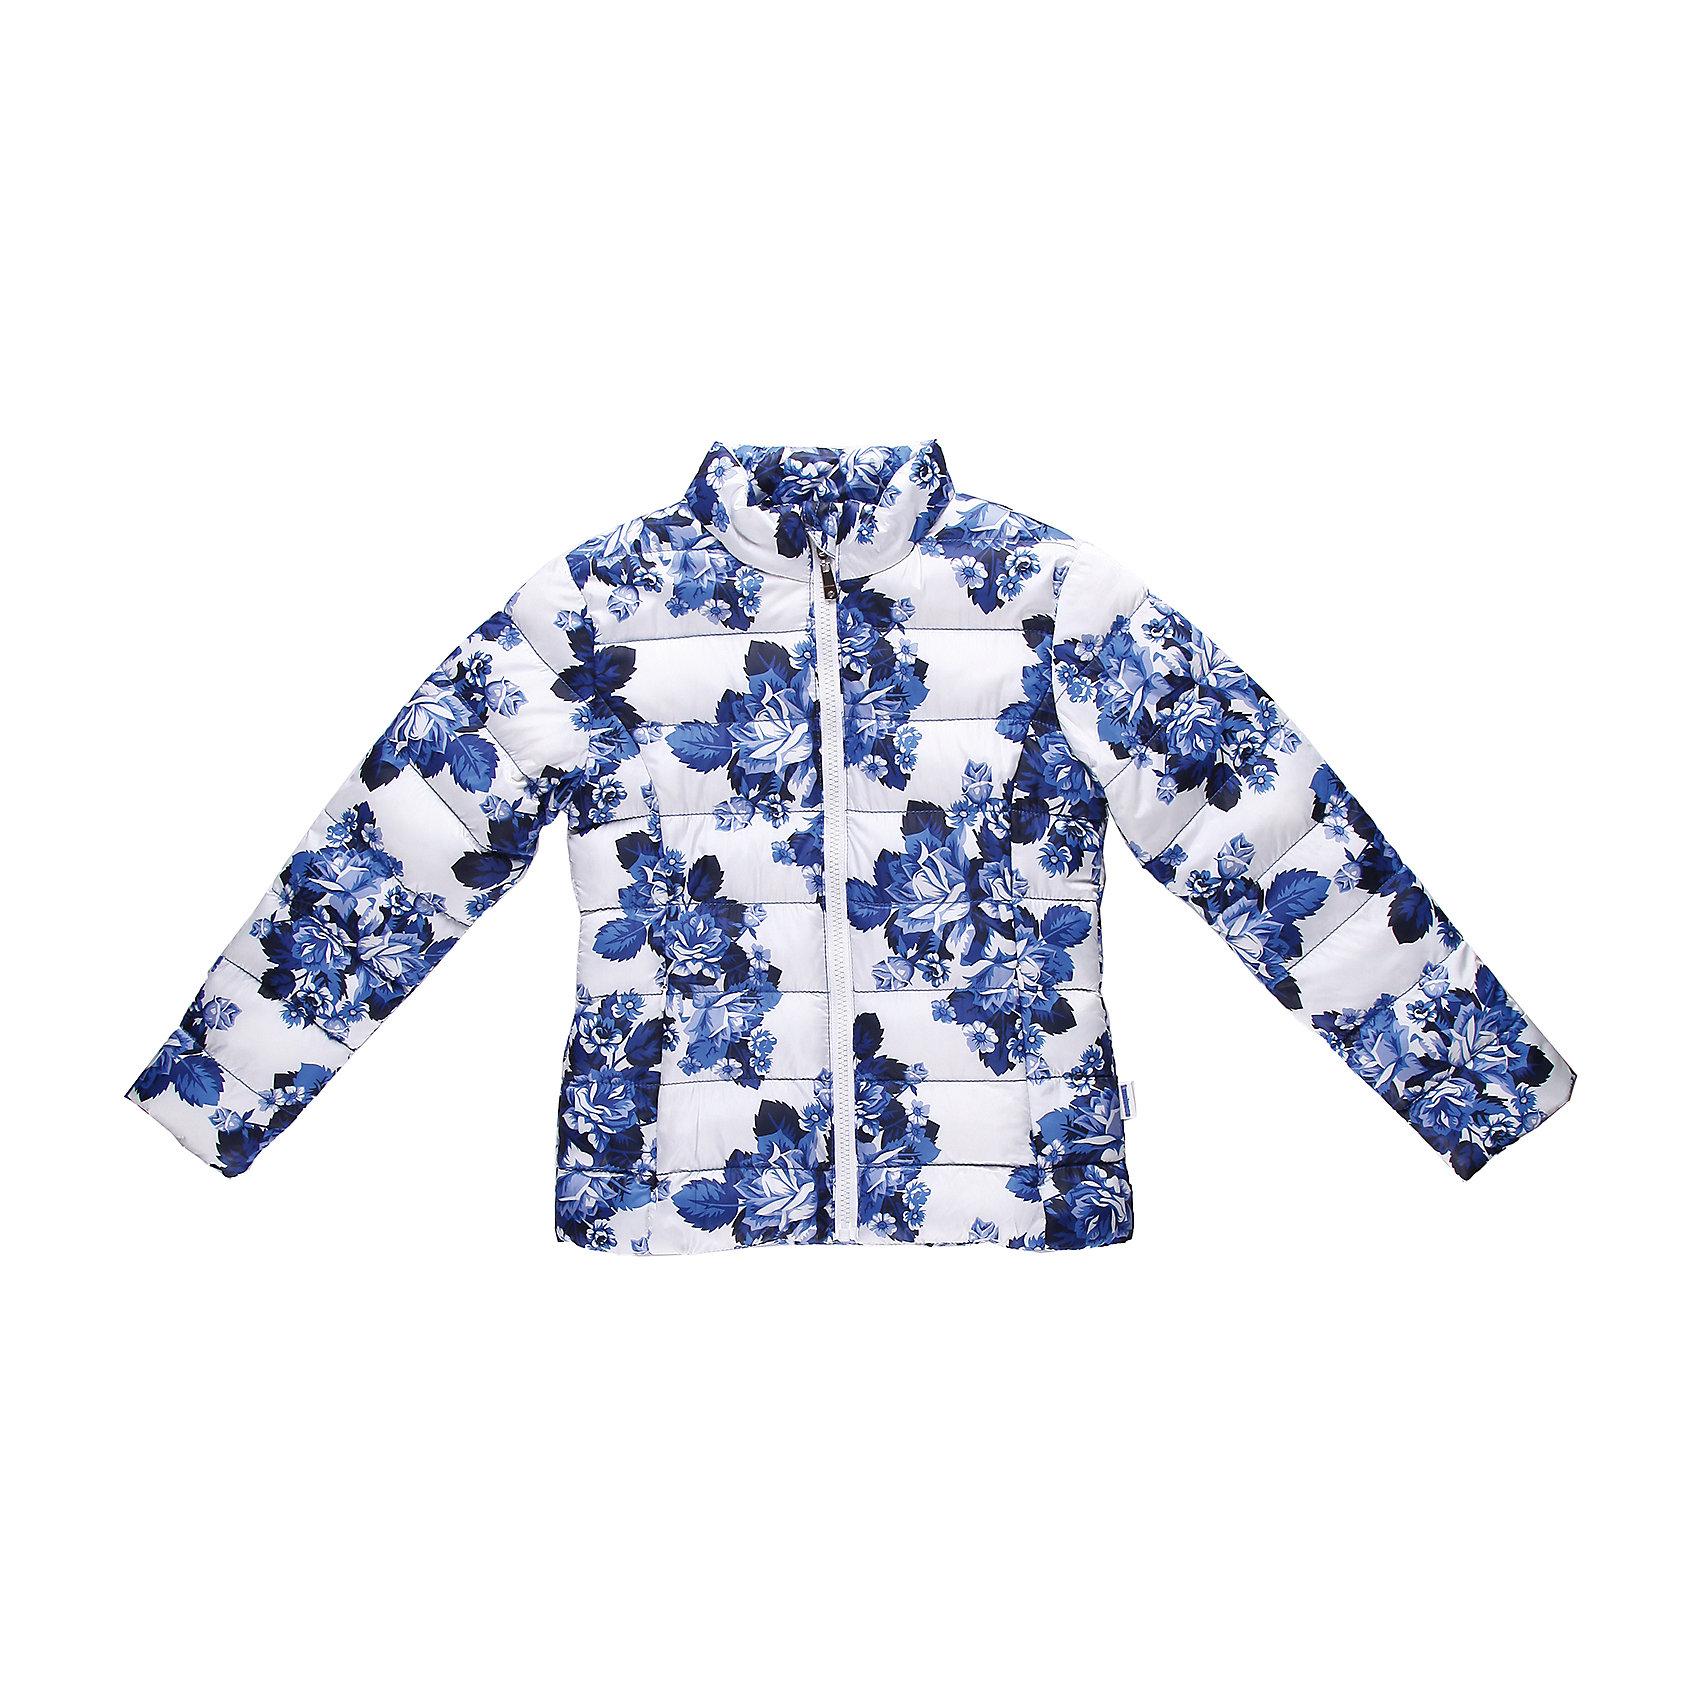 Куртка для девочки LuminosoВерхняя одежда<br>Утепленная куртка для девочки.  Внутри трикотажная подкладка.<br>Состав:<br>Верх: 100% полиэстер, Подкладка: 65% хлопок, 35% полиэстер, Наполнитель: 100% полиэстер<br><br>Ширина мм: 356<br>Глубина мм: 10<br>Высота мм: 245<br>Вес г: 519<br>Цвет: разноцветный<br>Возраст от месяцев: 156<br>Возраст до месяцев: 168<br>Пол: Женский<br>Возраст: Детский<br>Размер: 164,146,134,152,140,158<br>SKU: 4521597